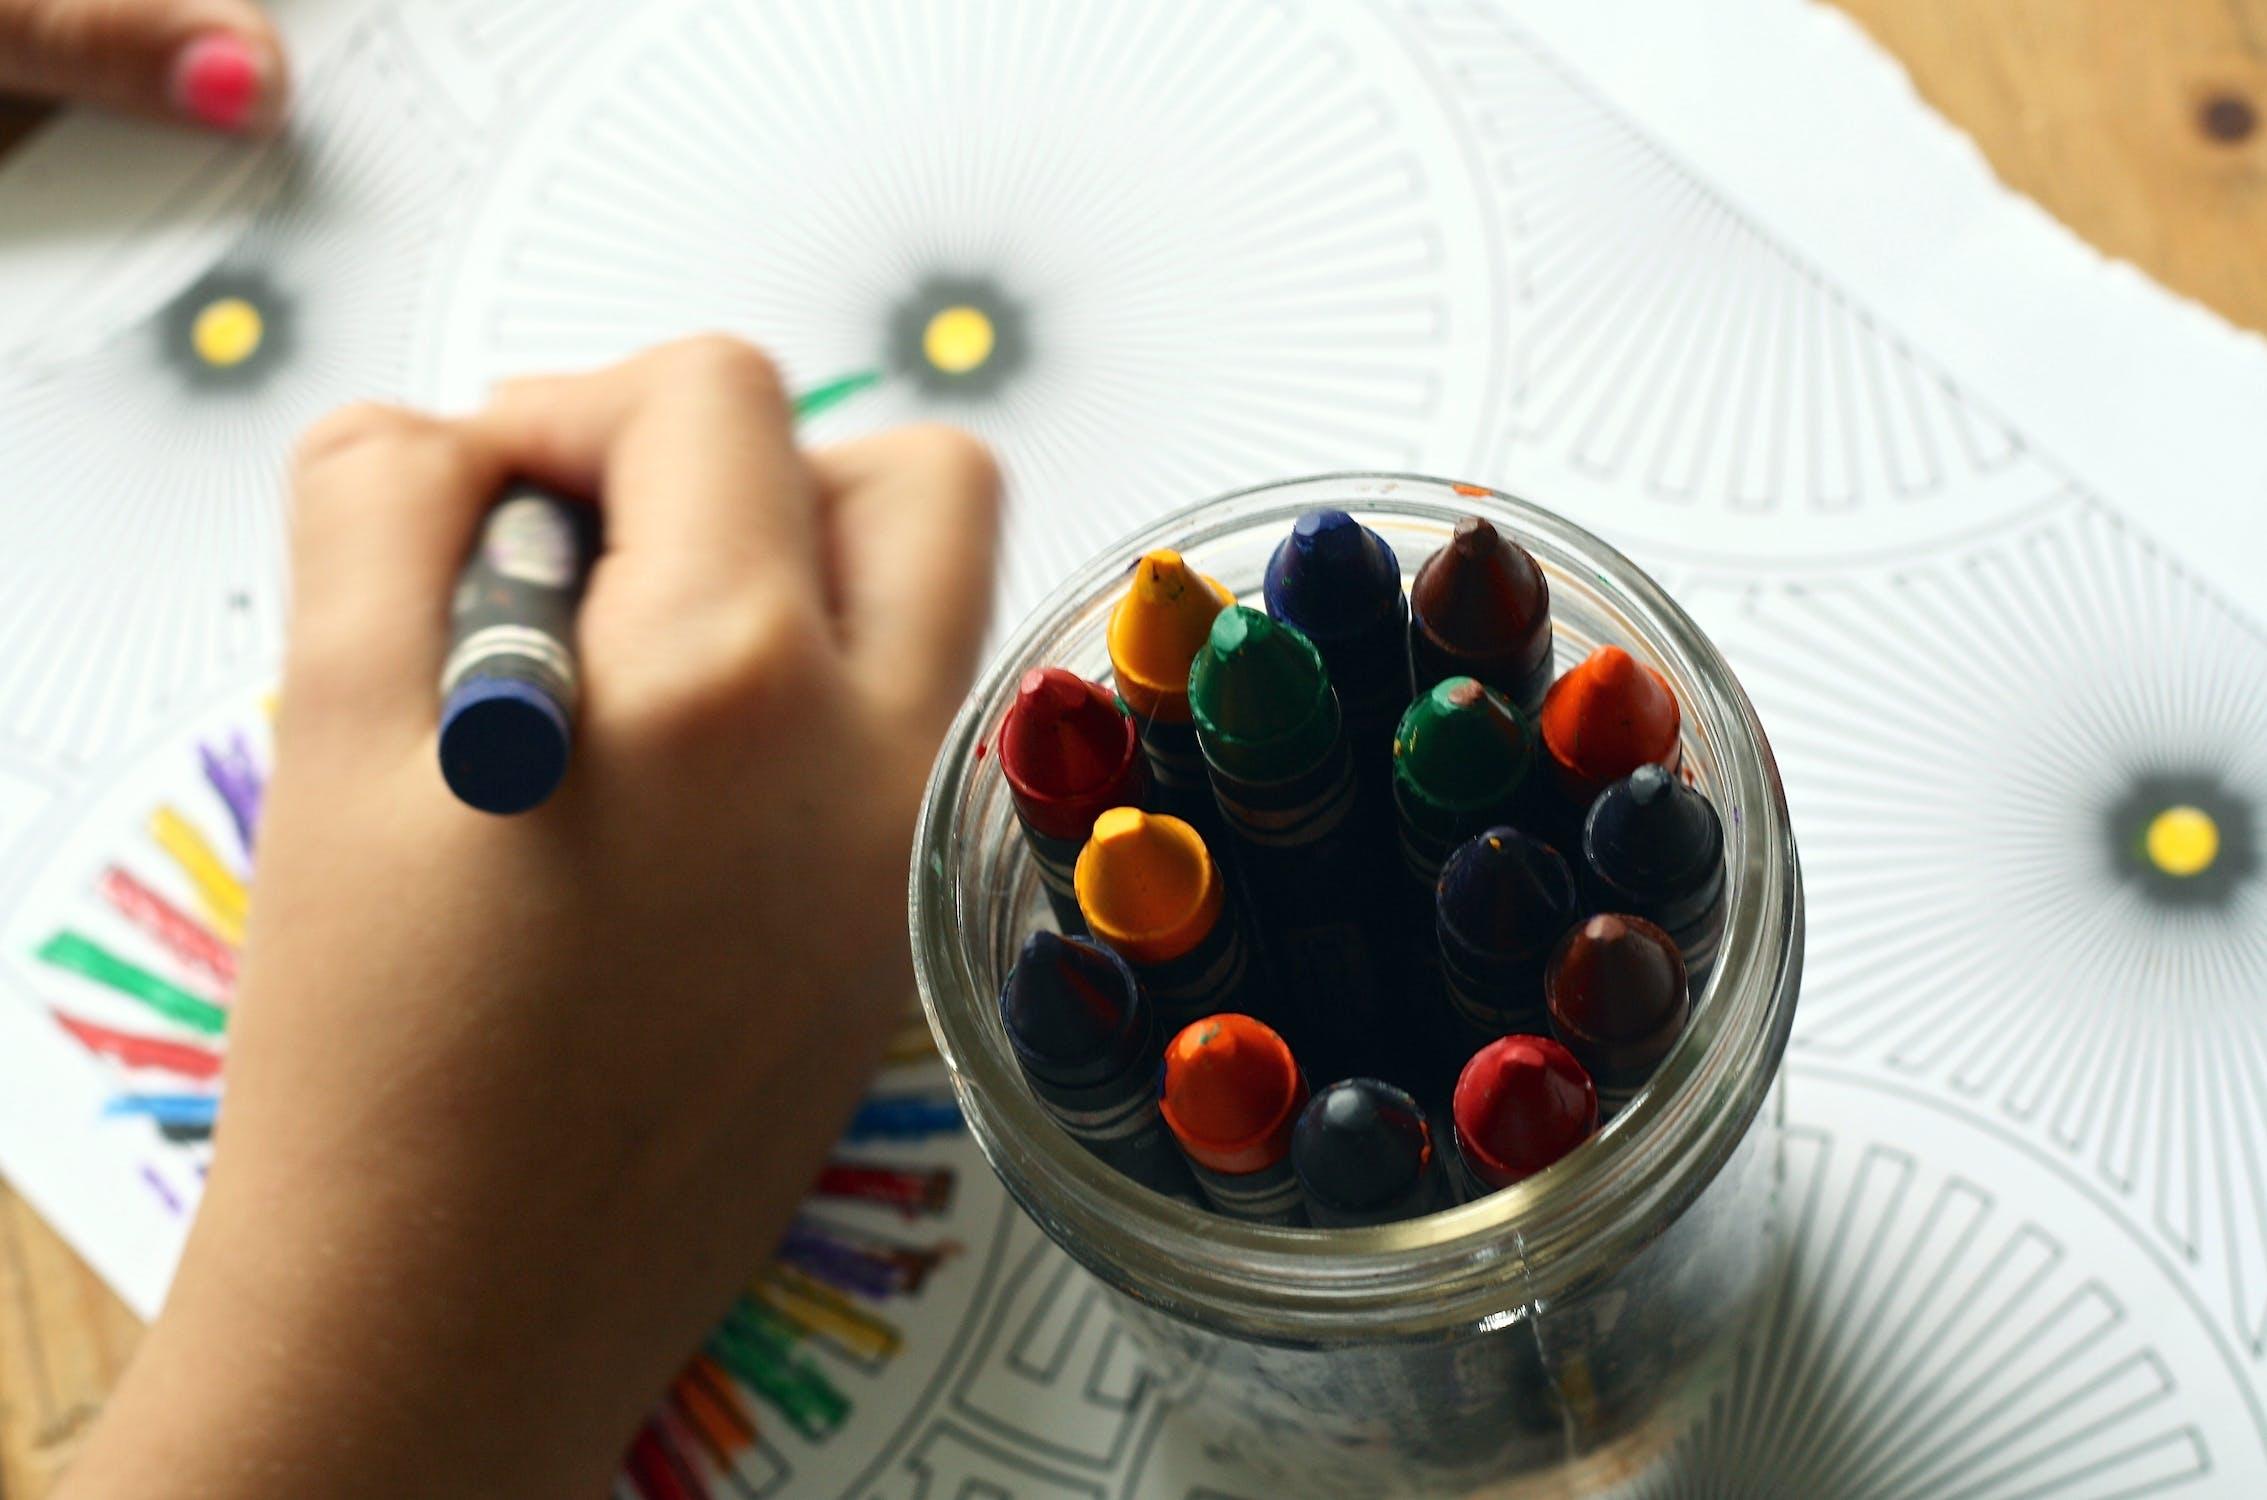 อ่านที่นี่! ครูป.1 ต้องทำอย่างไร ให้เด็ก อ่านออก เขียนได้